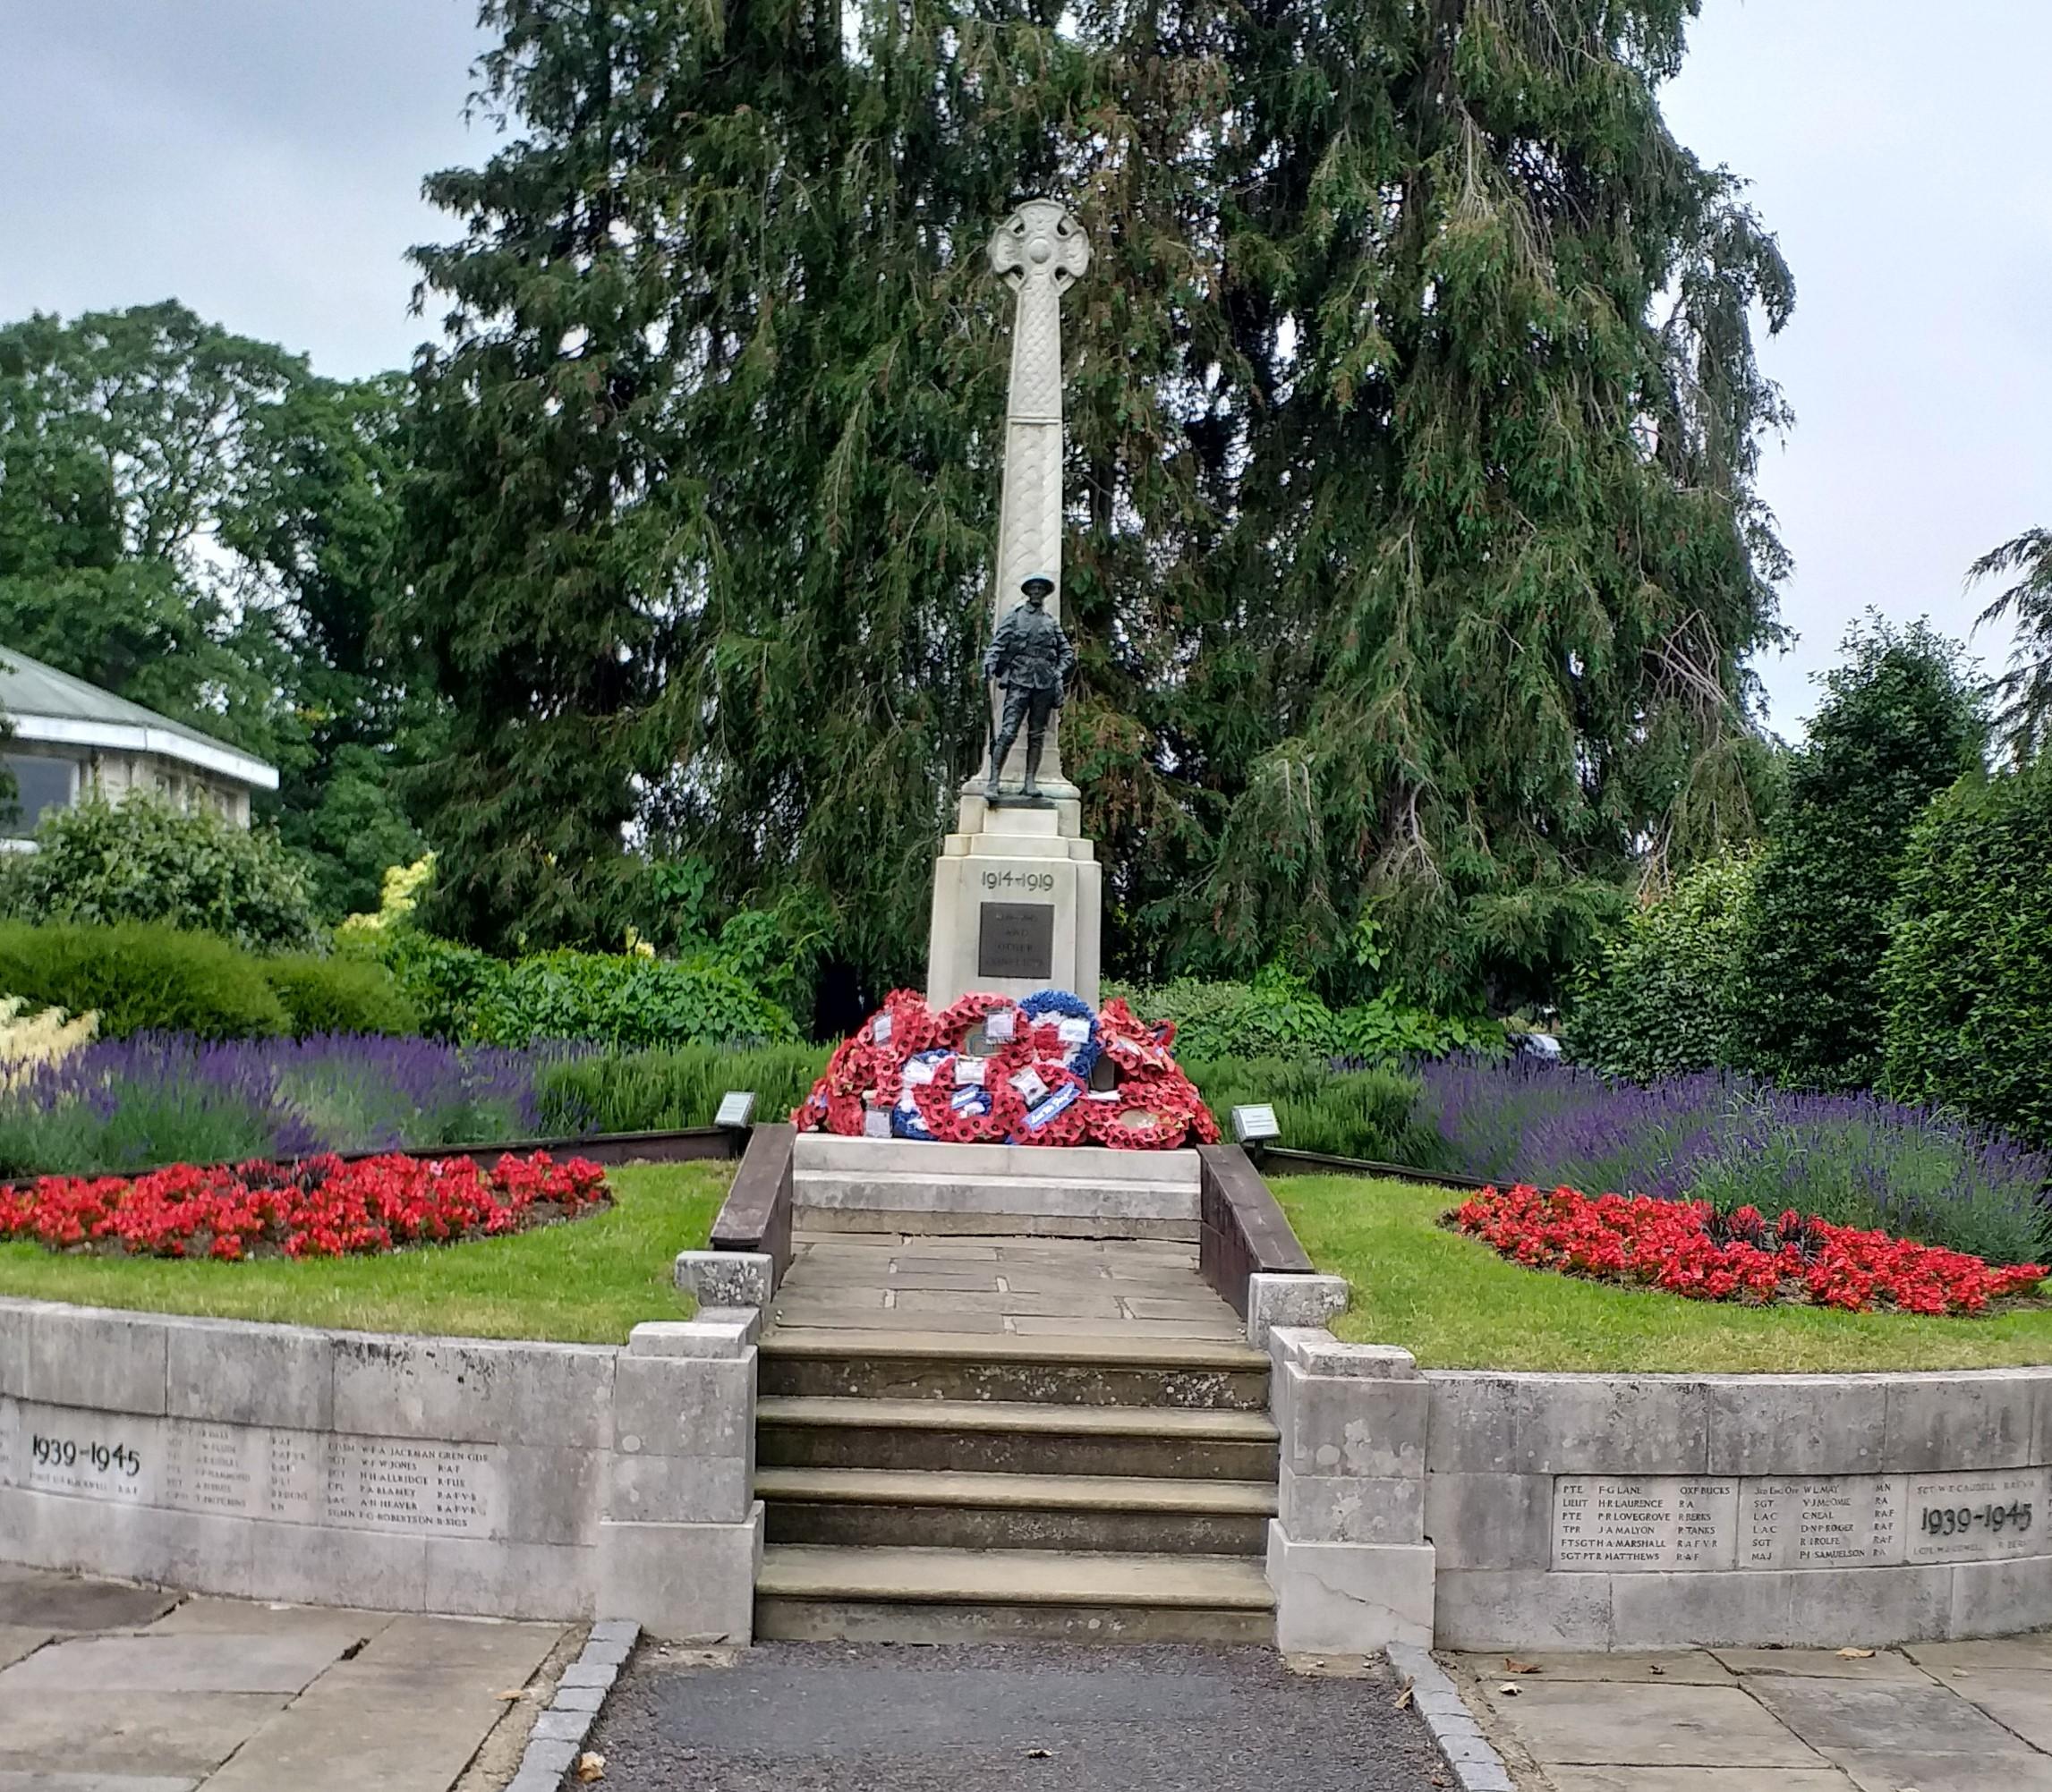 Burnham War Memorial